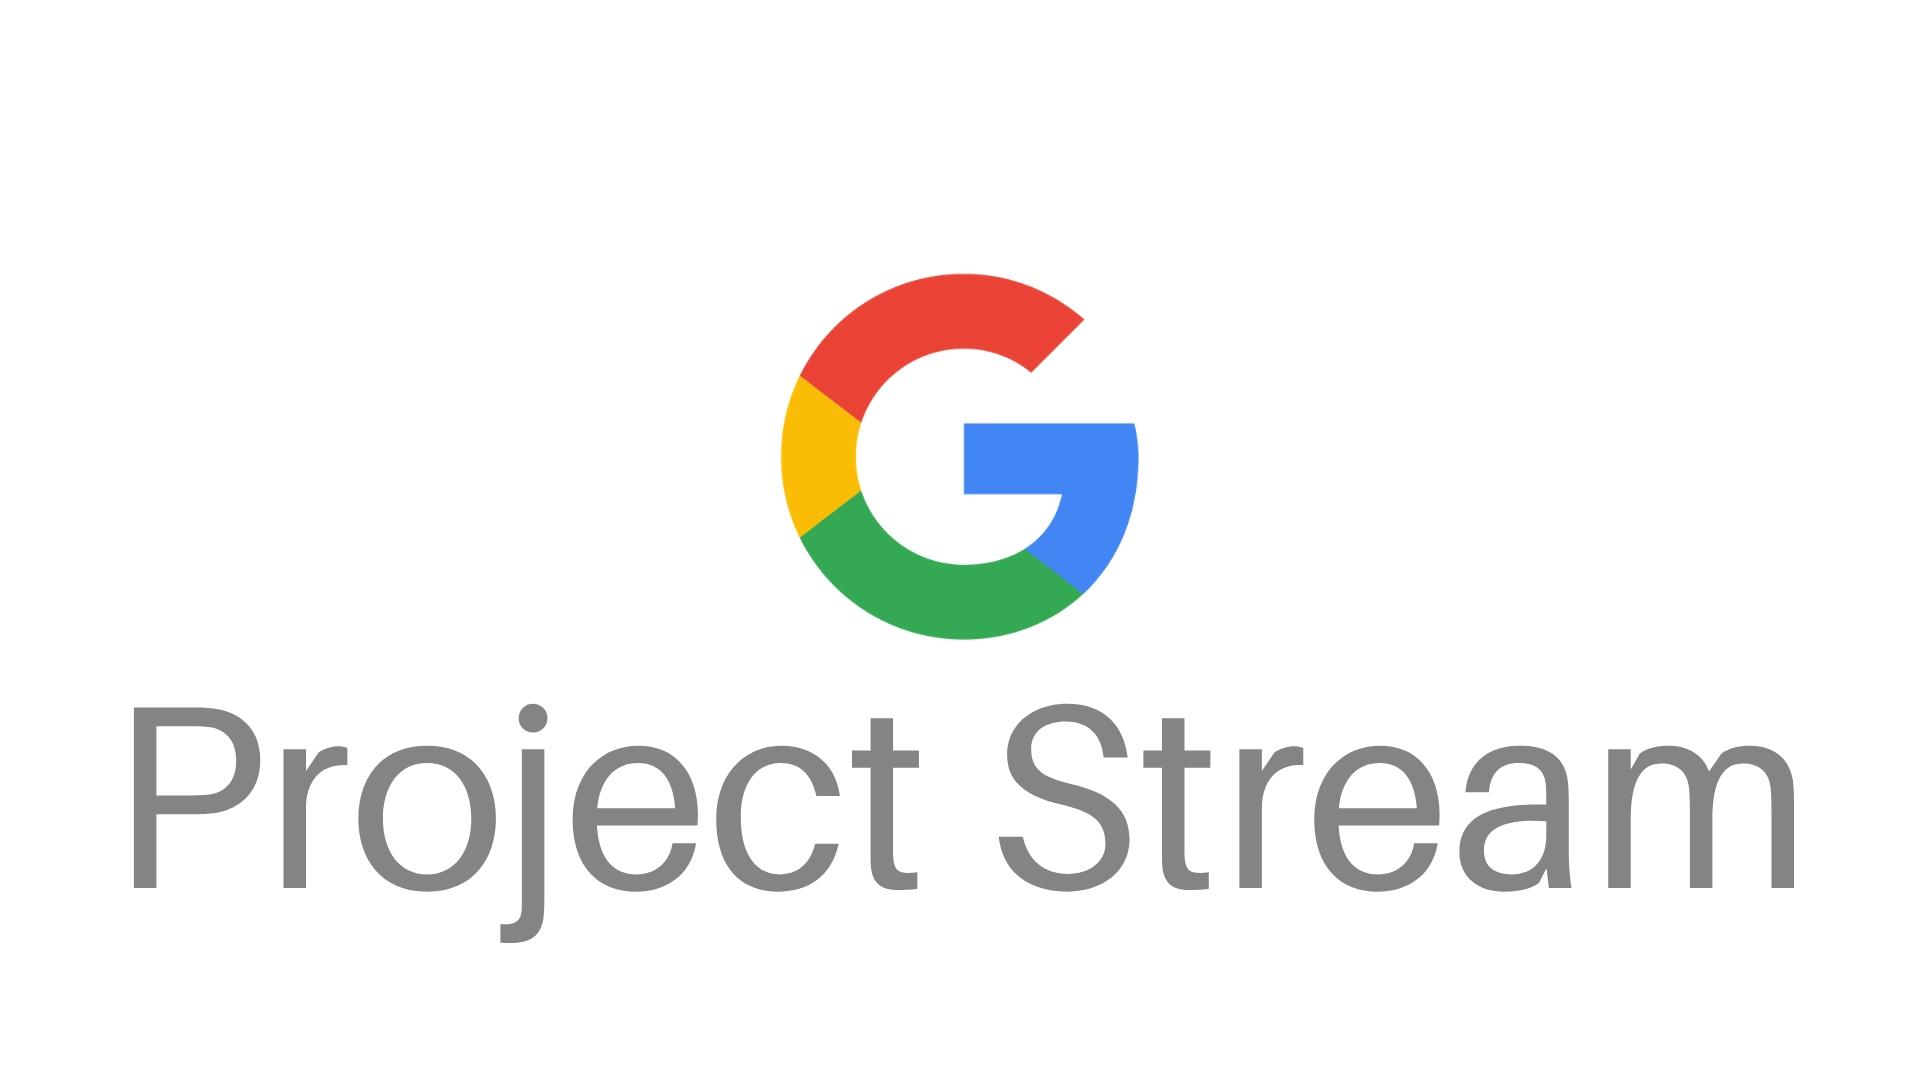 Layanan Terbaru Google Tuk Gamer : Project Stream